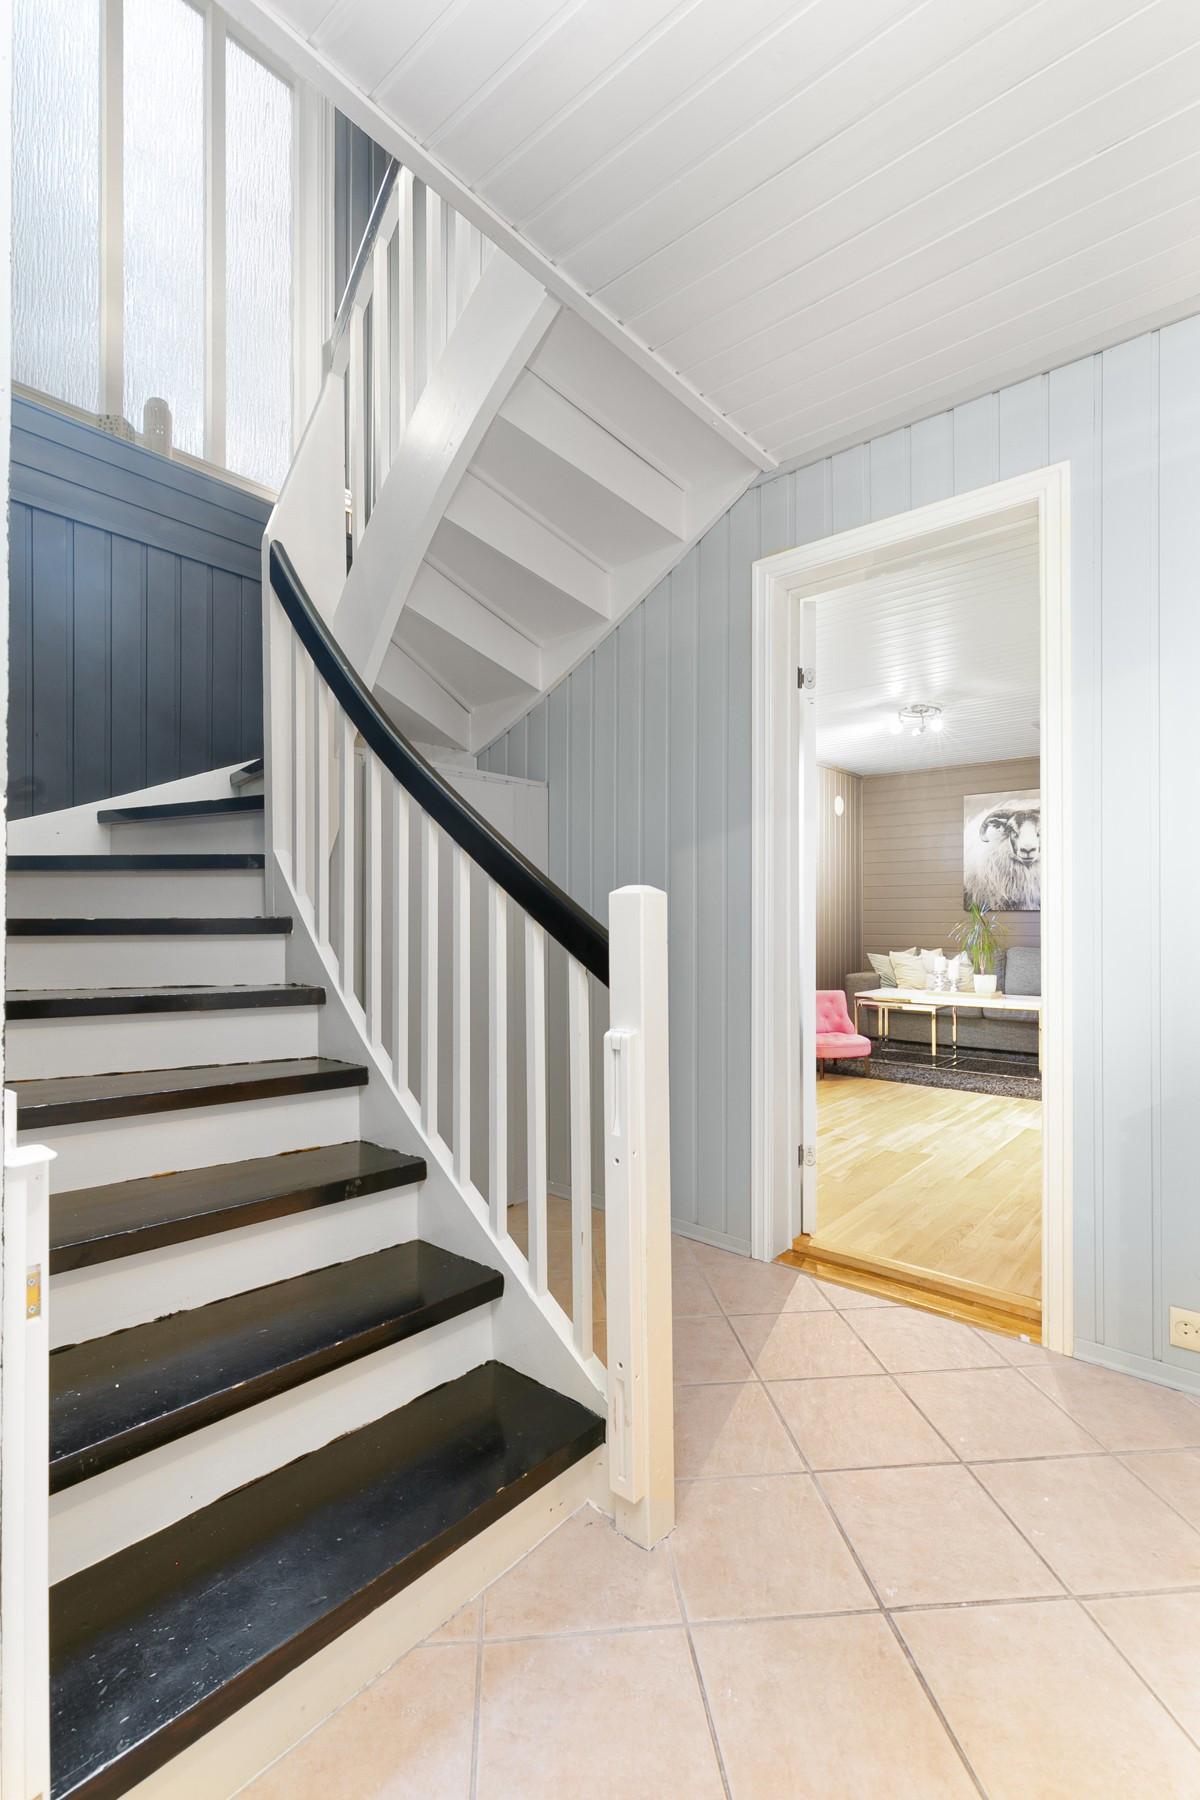 Trapp mellom etasjer og inngang til kjellerstue